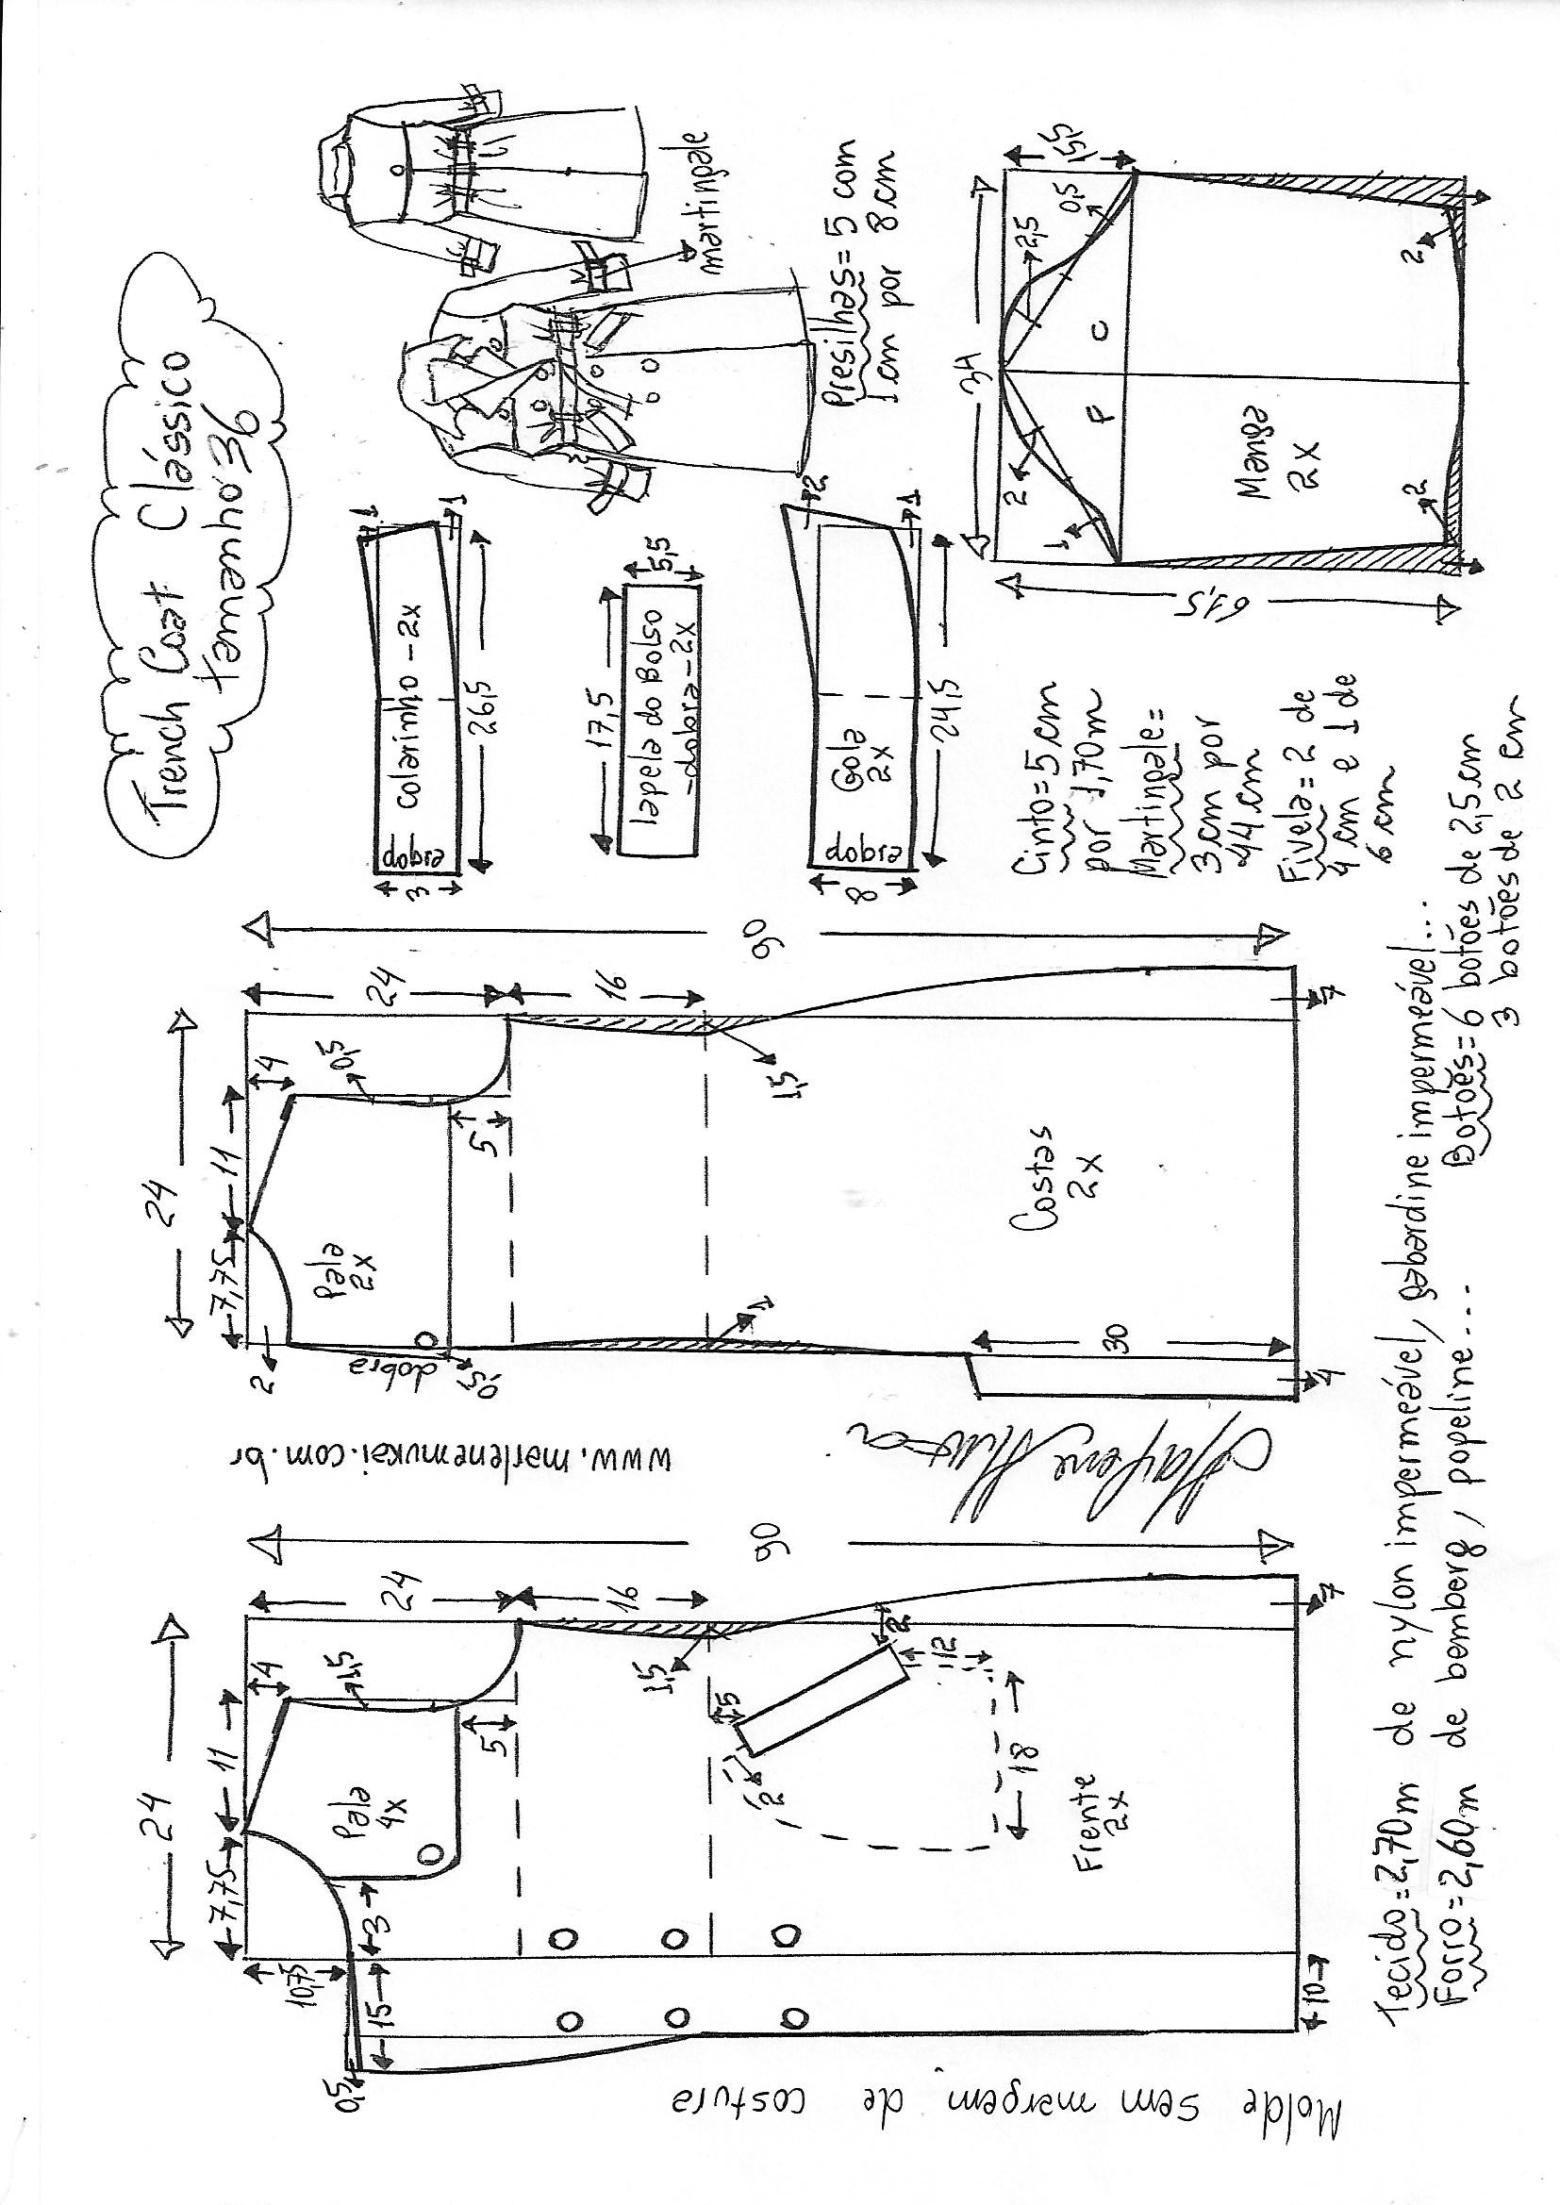 Casaco trench coat clássico | DIY - molde, corte y costura - Marlene ...